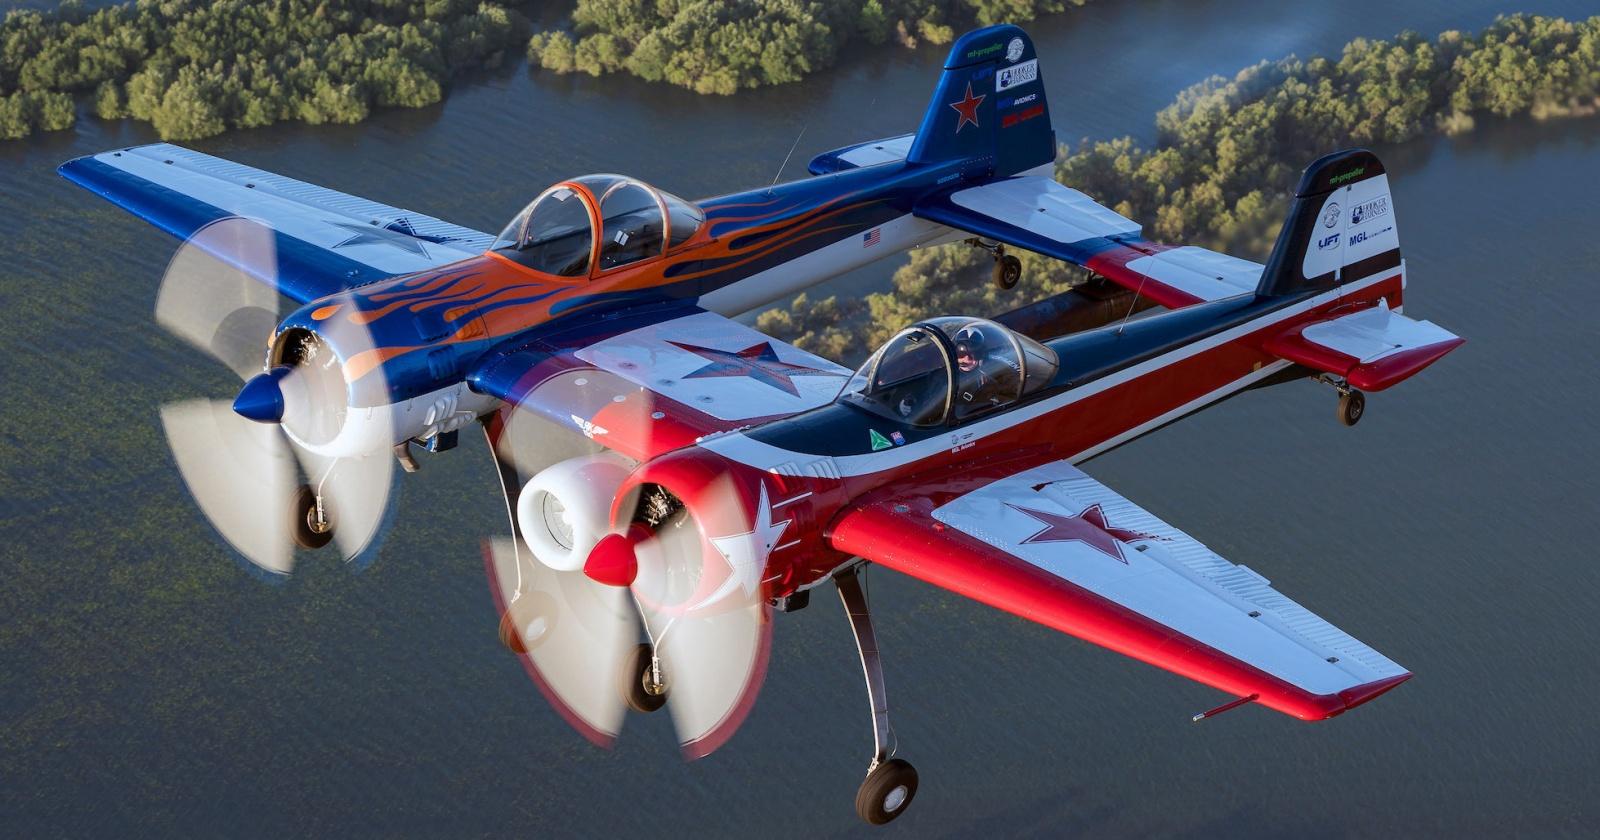 Мутант для высшего пилотажа: Як-110